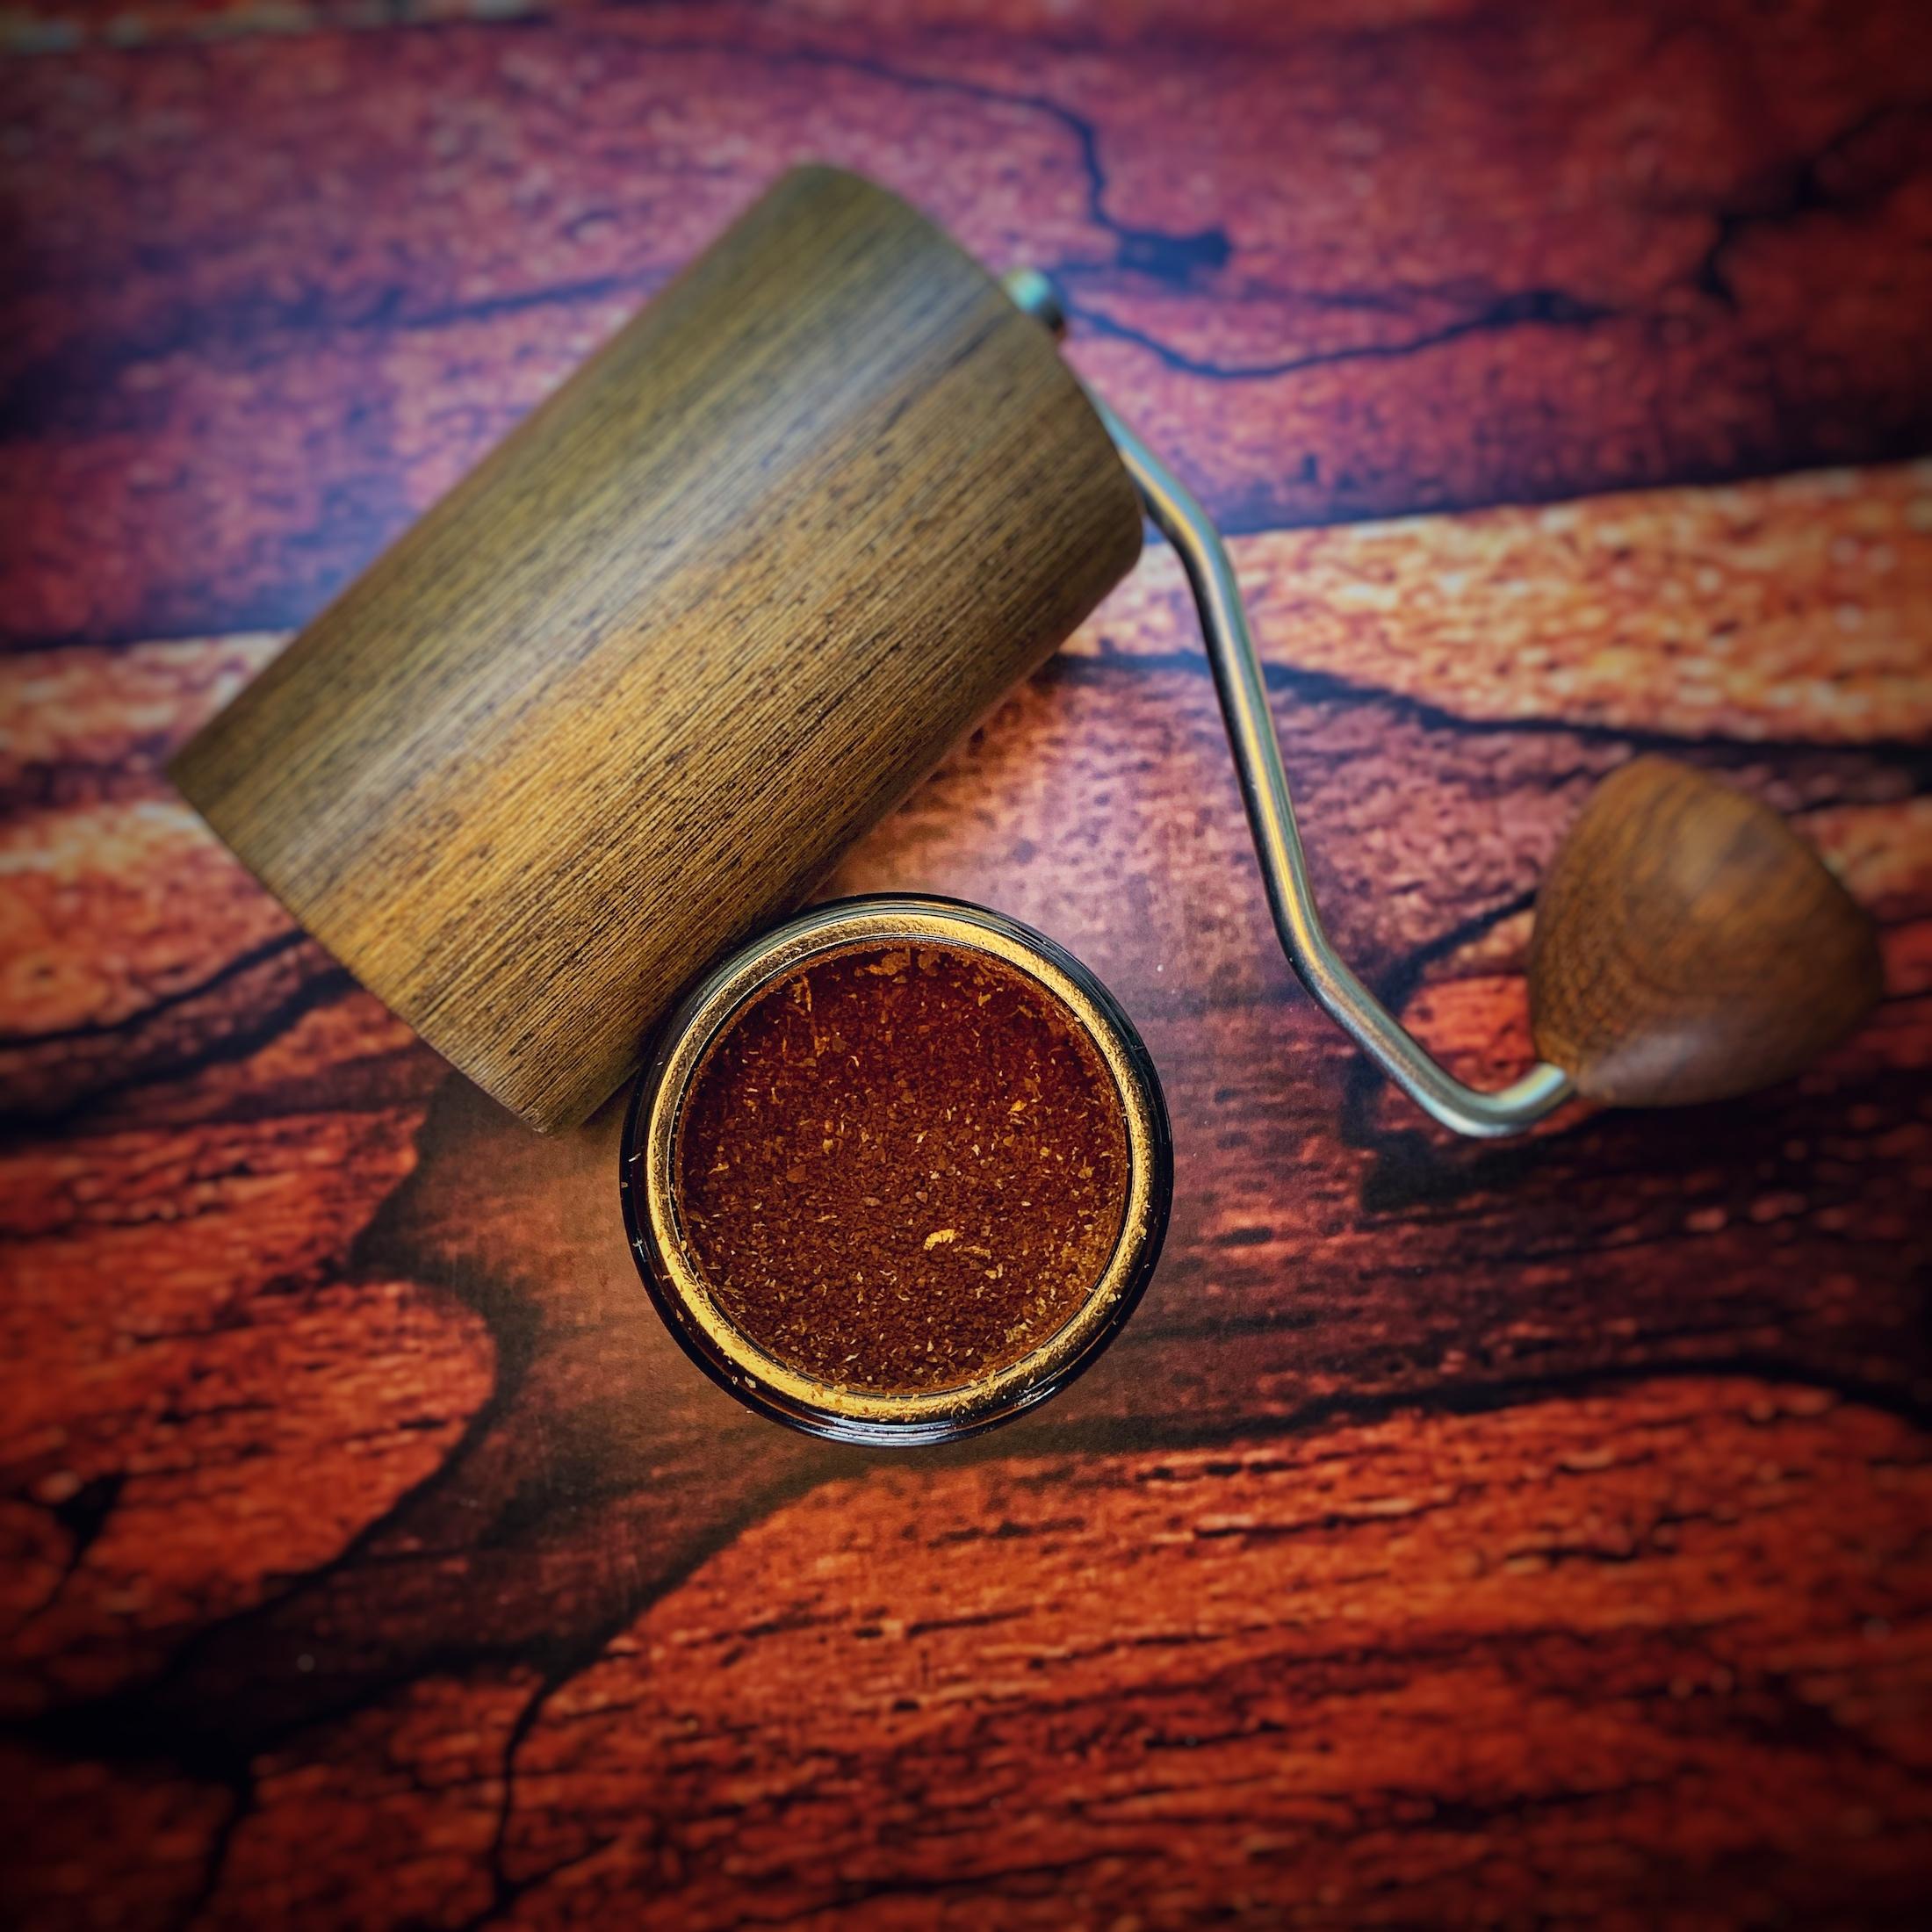 Die manuelle Kaffeemühle Commandante C40 Nitro Blade in einem dunklen Holzoptik aus der Vogelperspektive fotografiert, liegt zerlegt mit gemahlenem Kaffee im Auffangbehälter auf einem Holztisch.